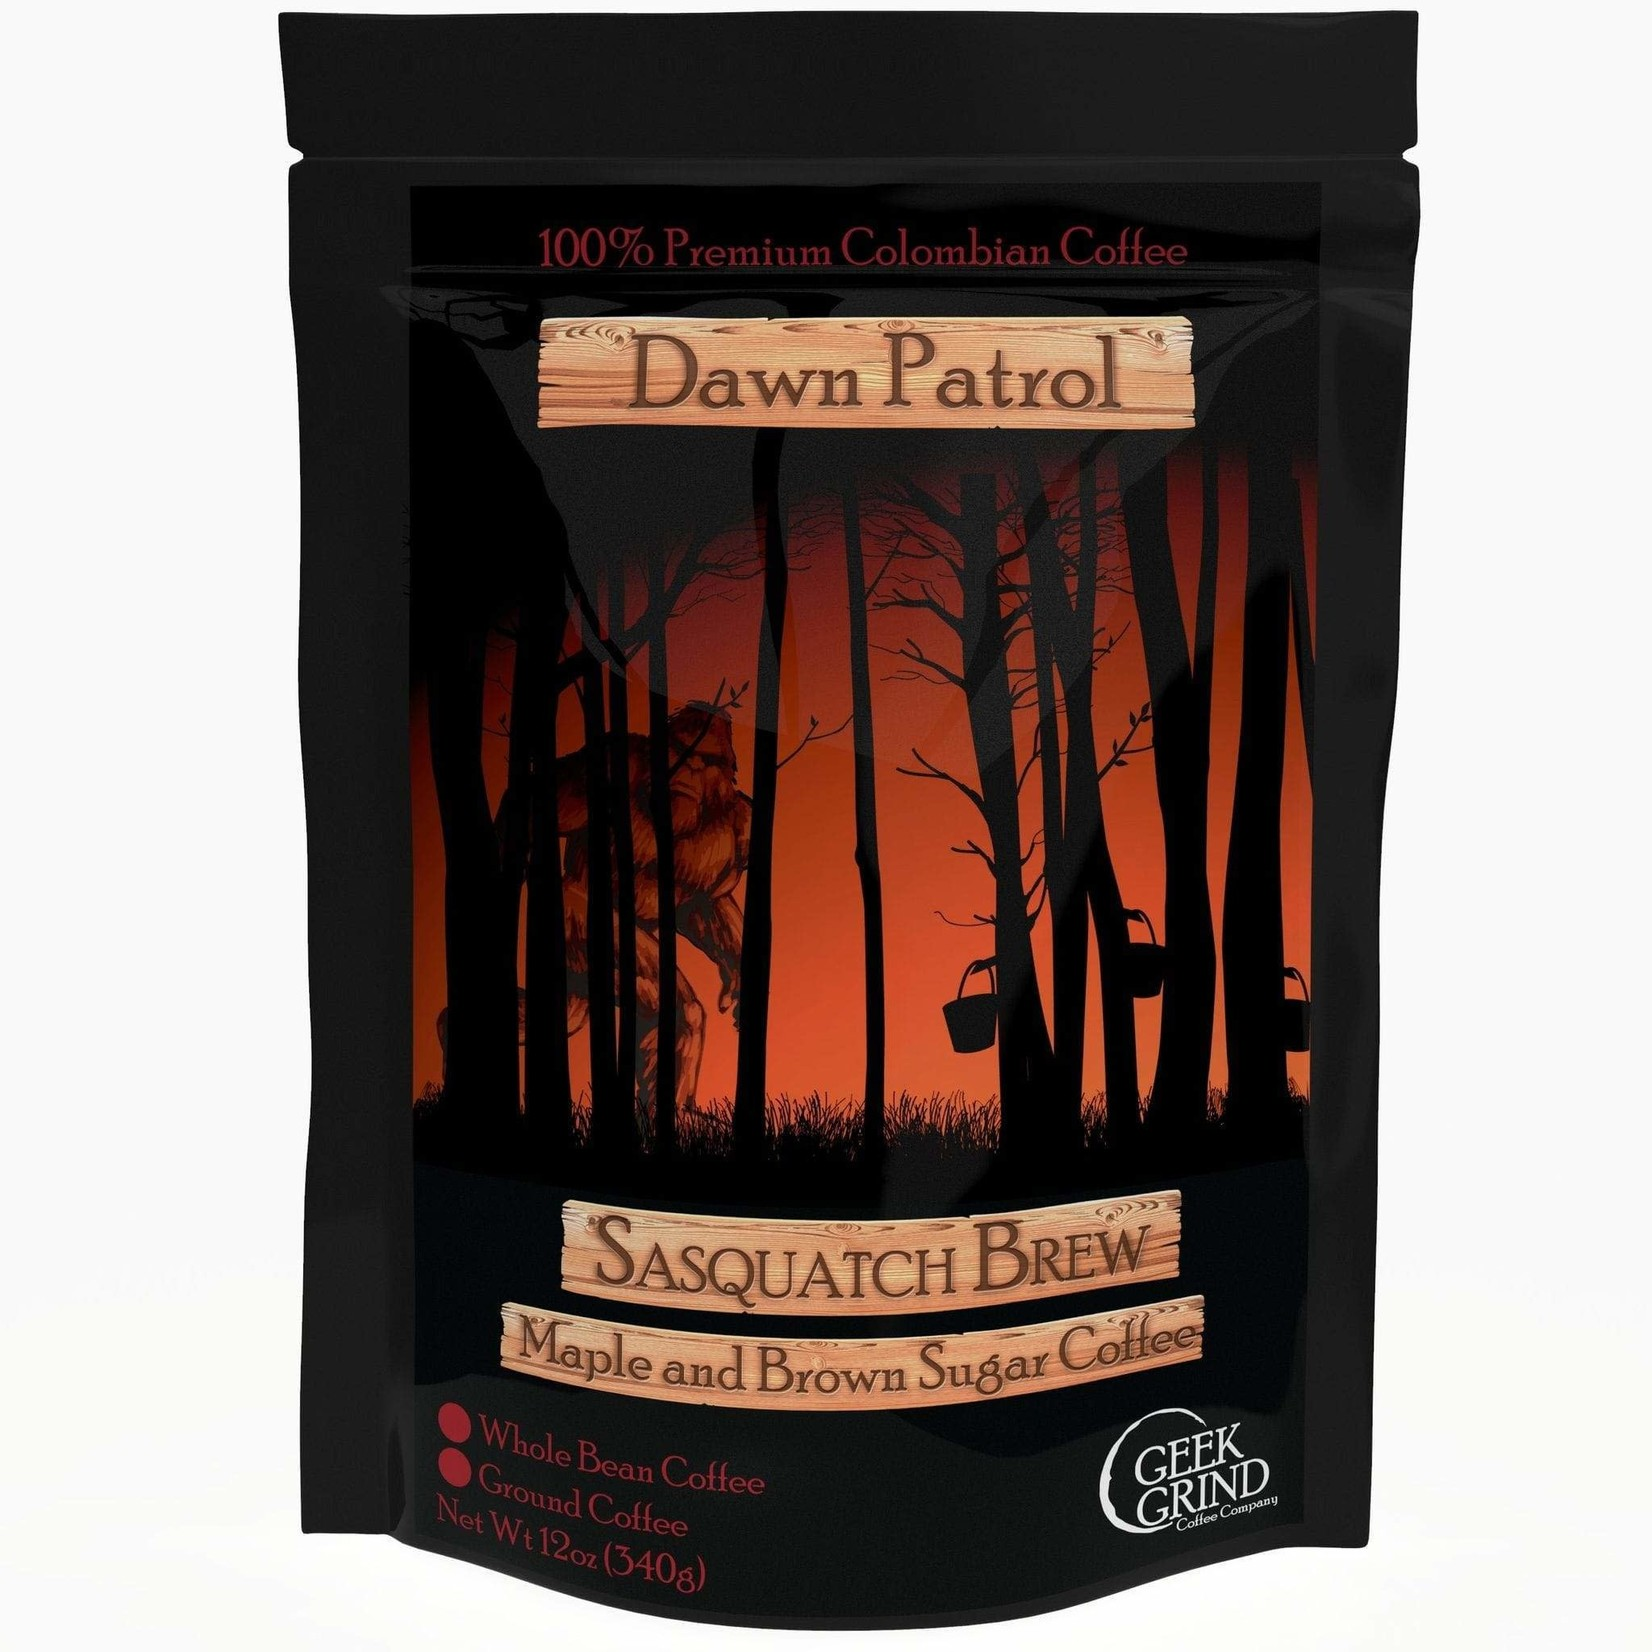 Geek Grind Dawn Patrol Sasquatch Brew Maple and Brown Sugar